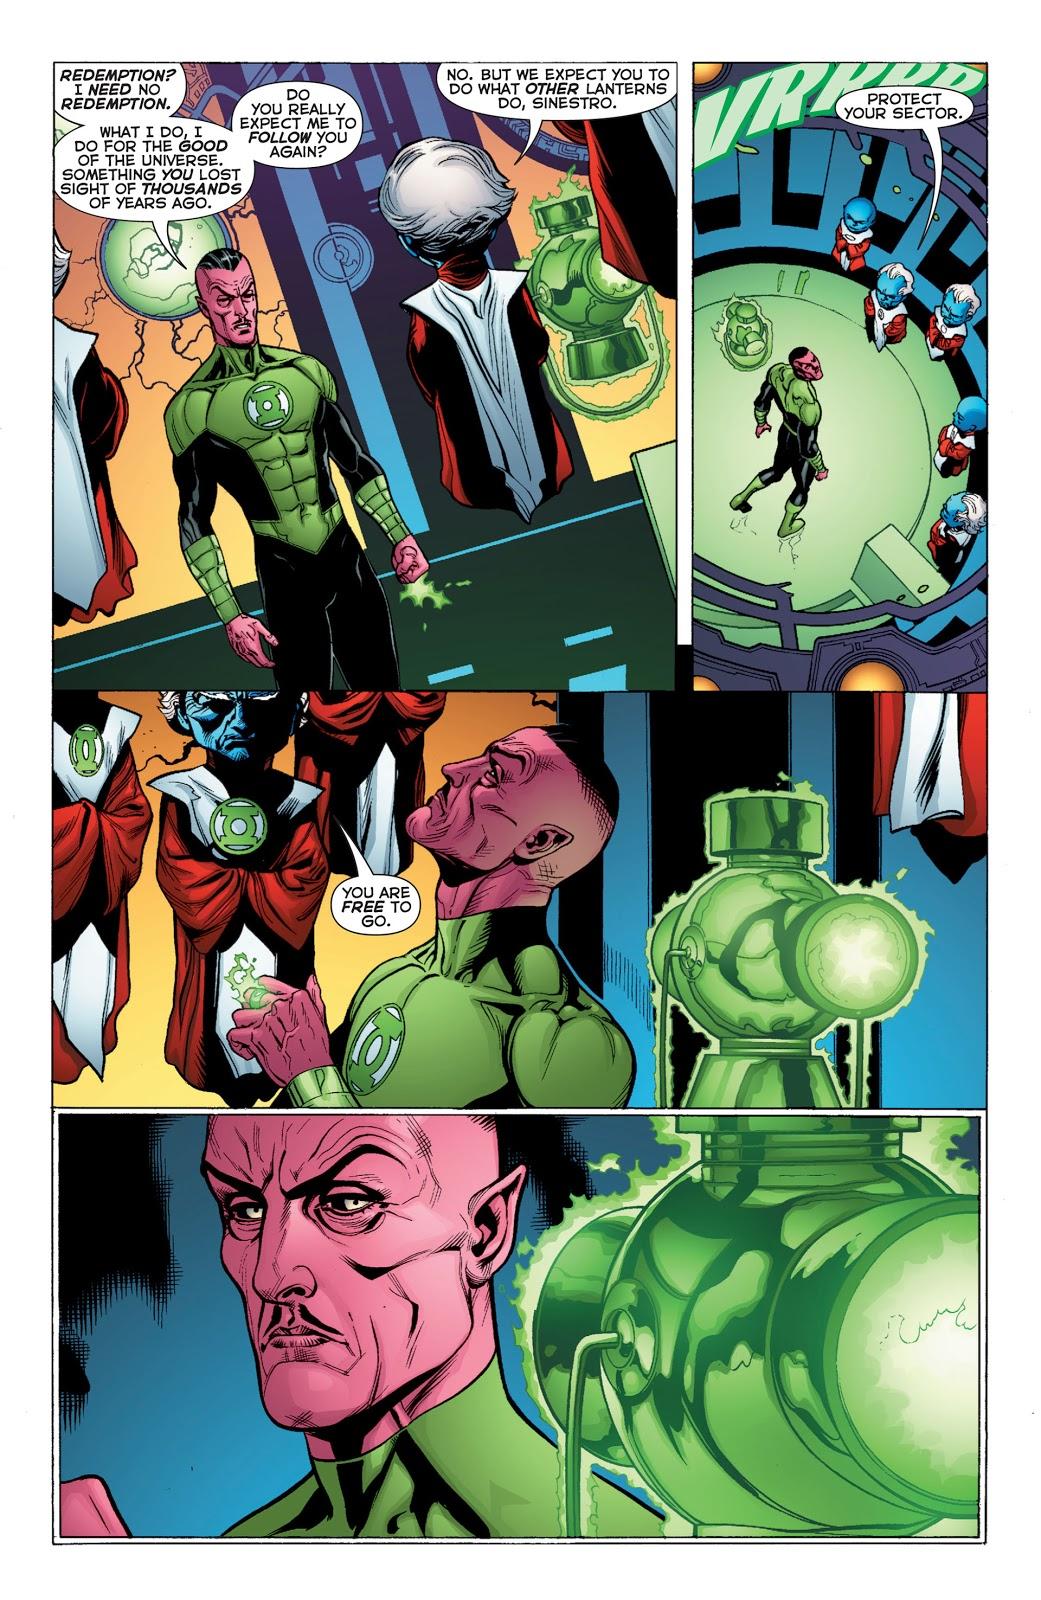 Green Lantern V1 Sinsestro review